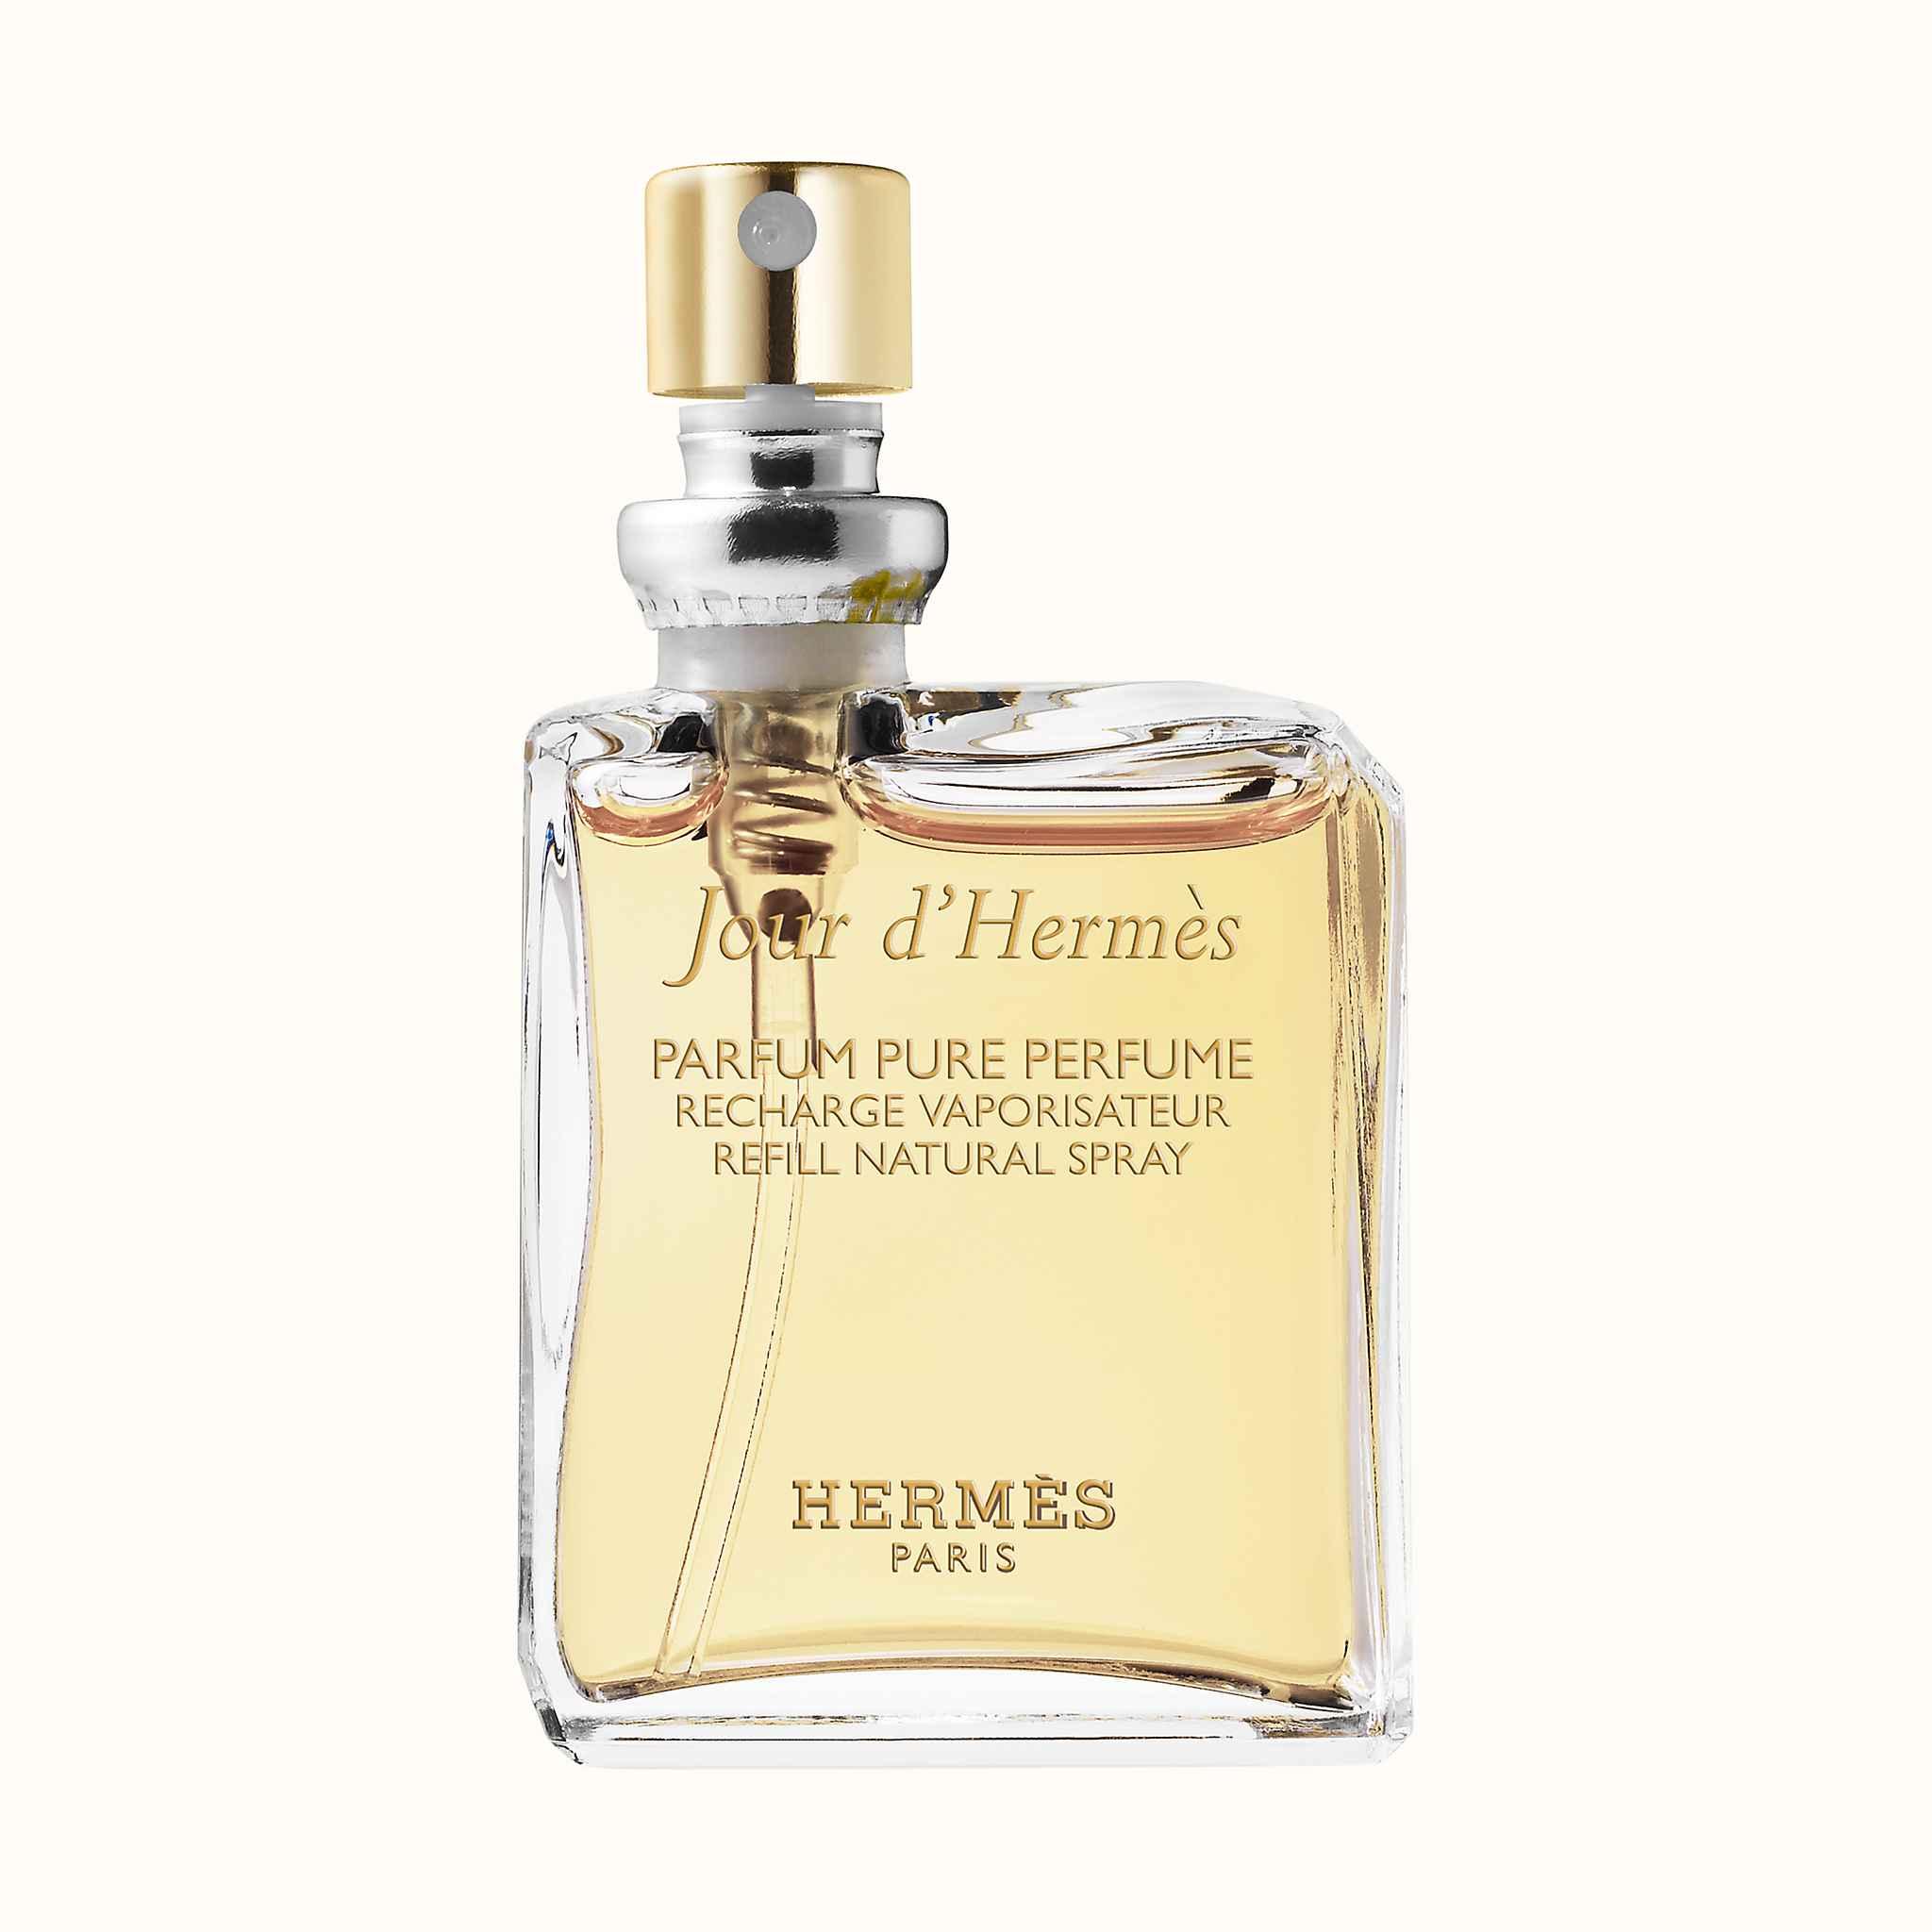 Parfum Refill Extrait D'hermes De Htscrqdx Jour n0wNZk8OPX